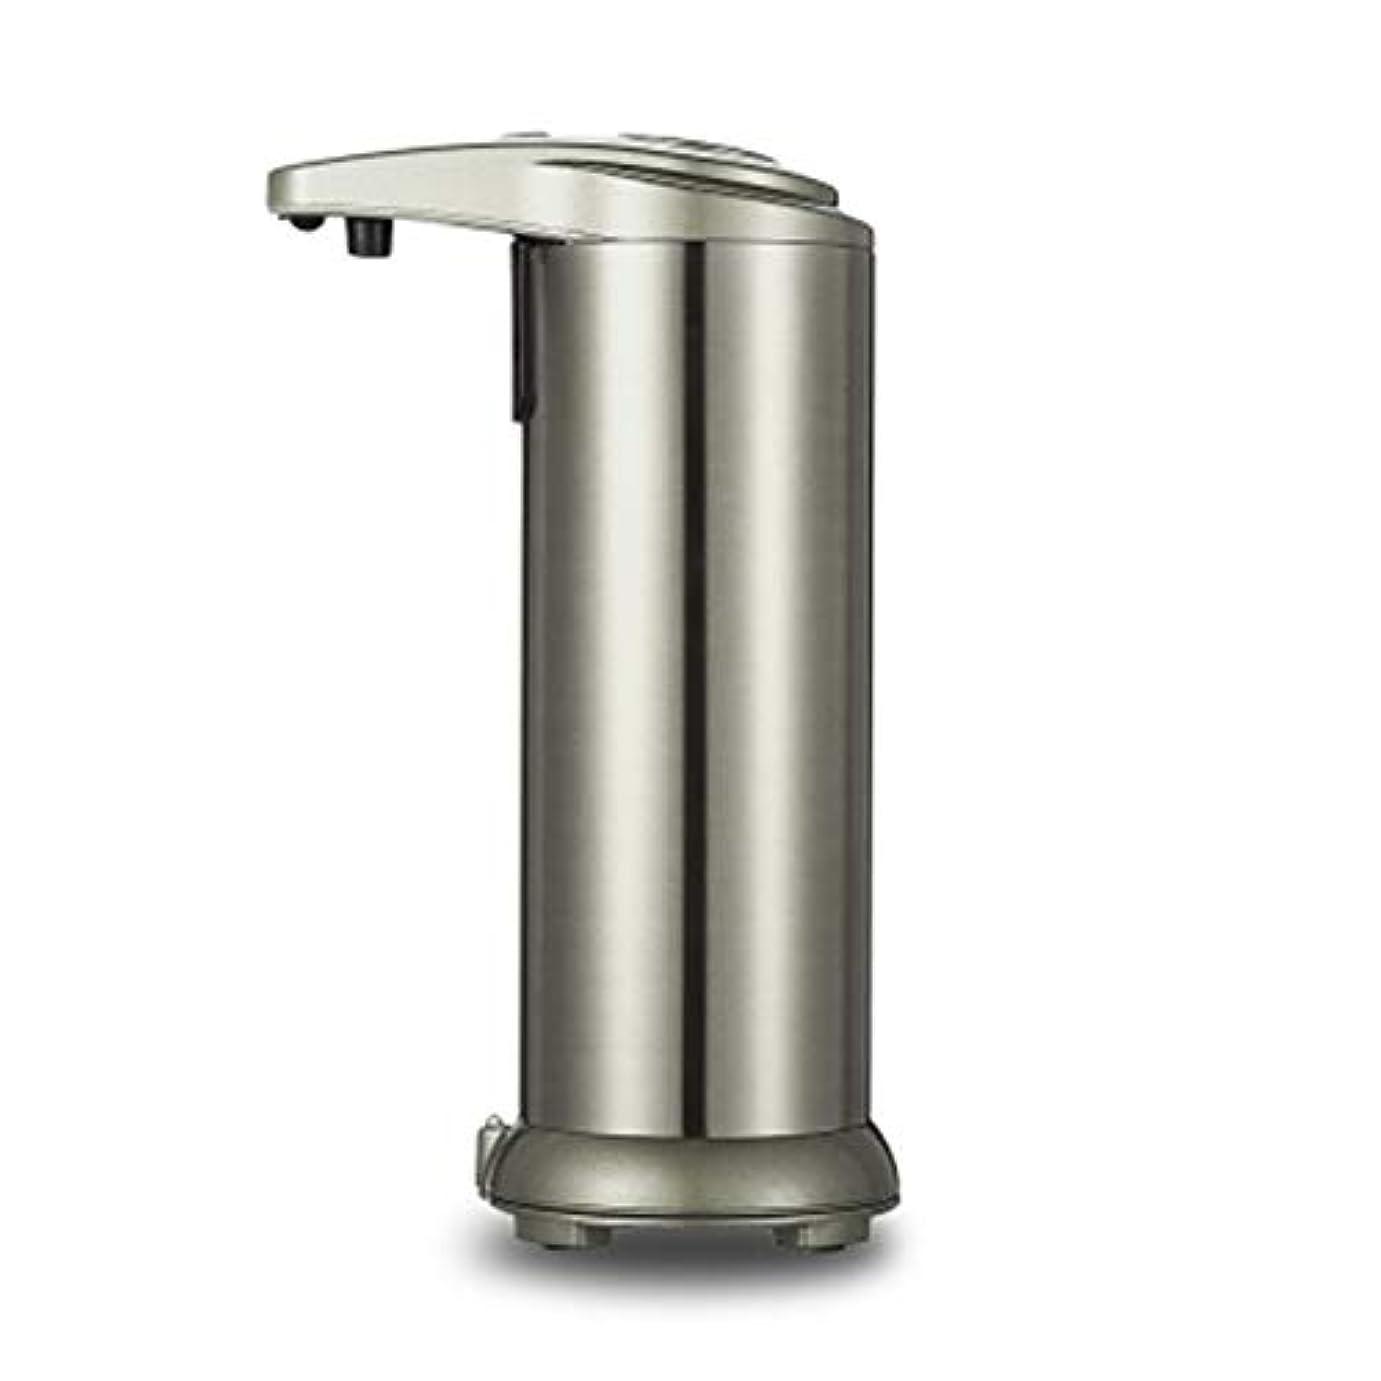 踊り子組み合わせる学者280mlシャワーのステンレス鋼センサーの接触自由な石鹸のシャンプーディスペンサー